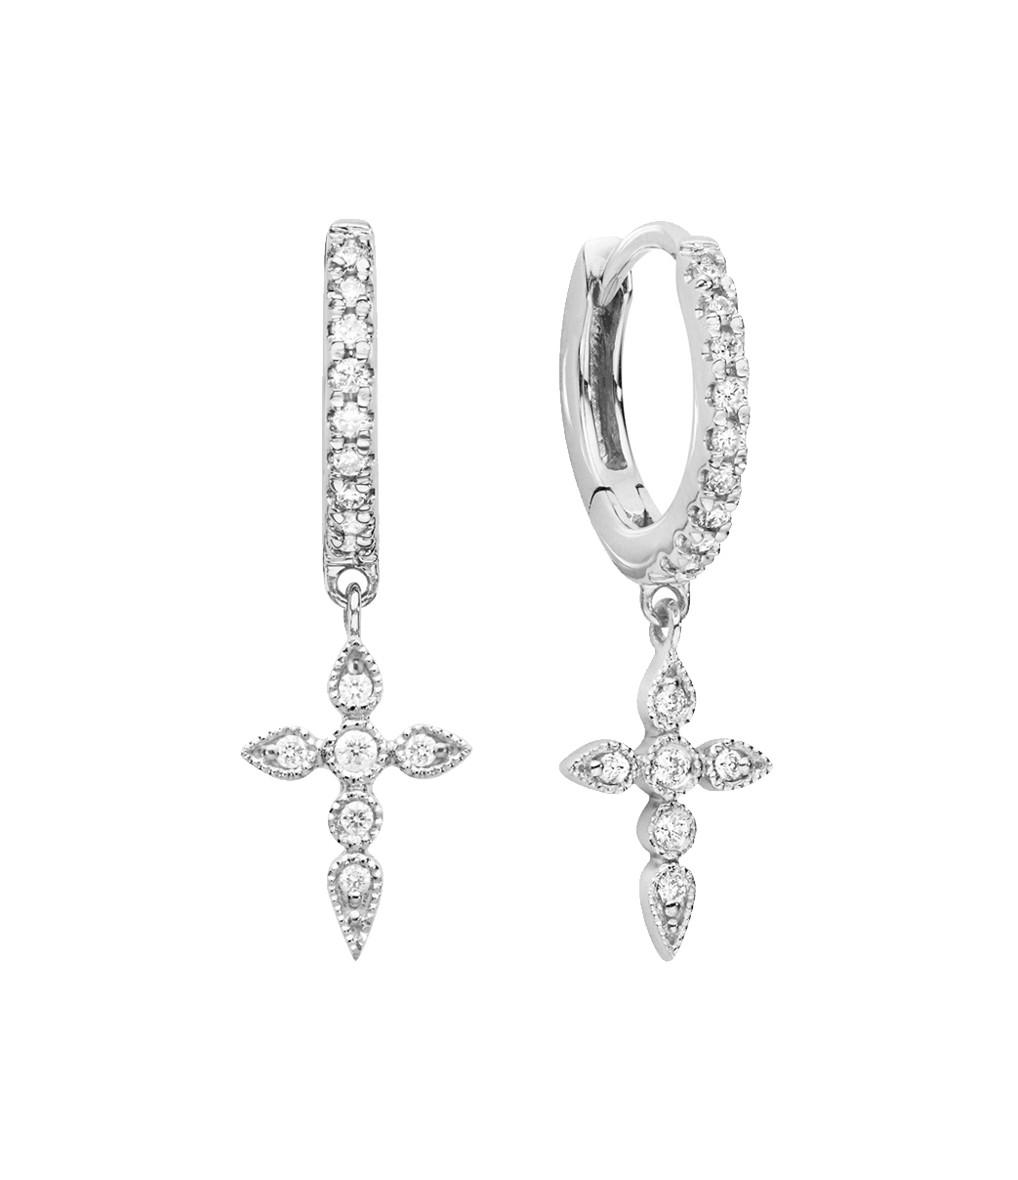 Mini Créole Céleste Or Diamants (vendue à l'unité) - STONE